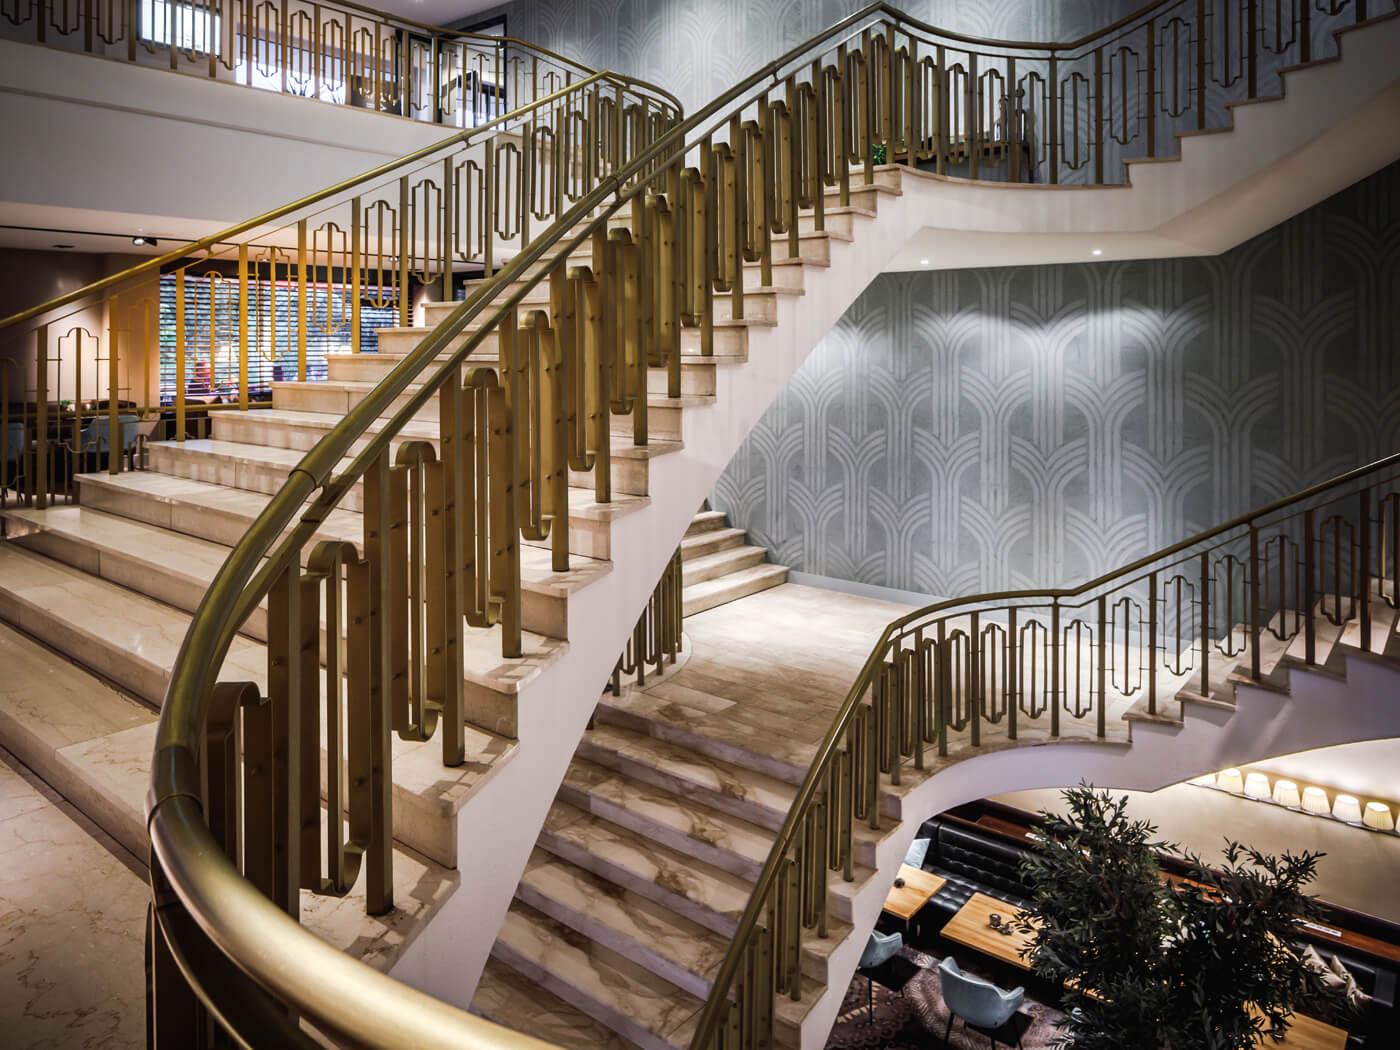 Hotel design Van der Valk Assen